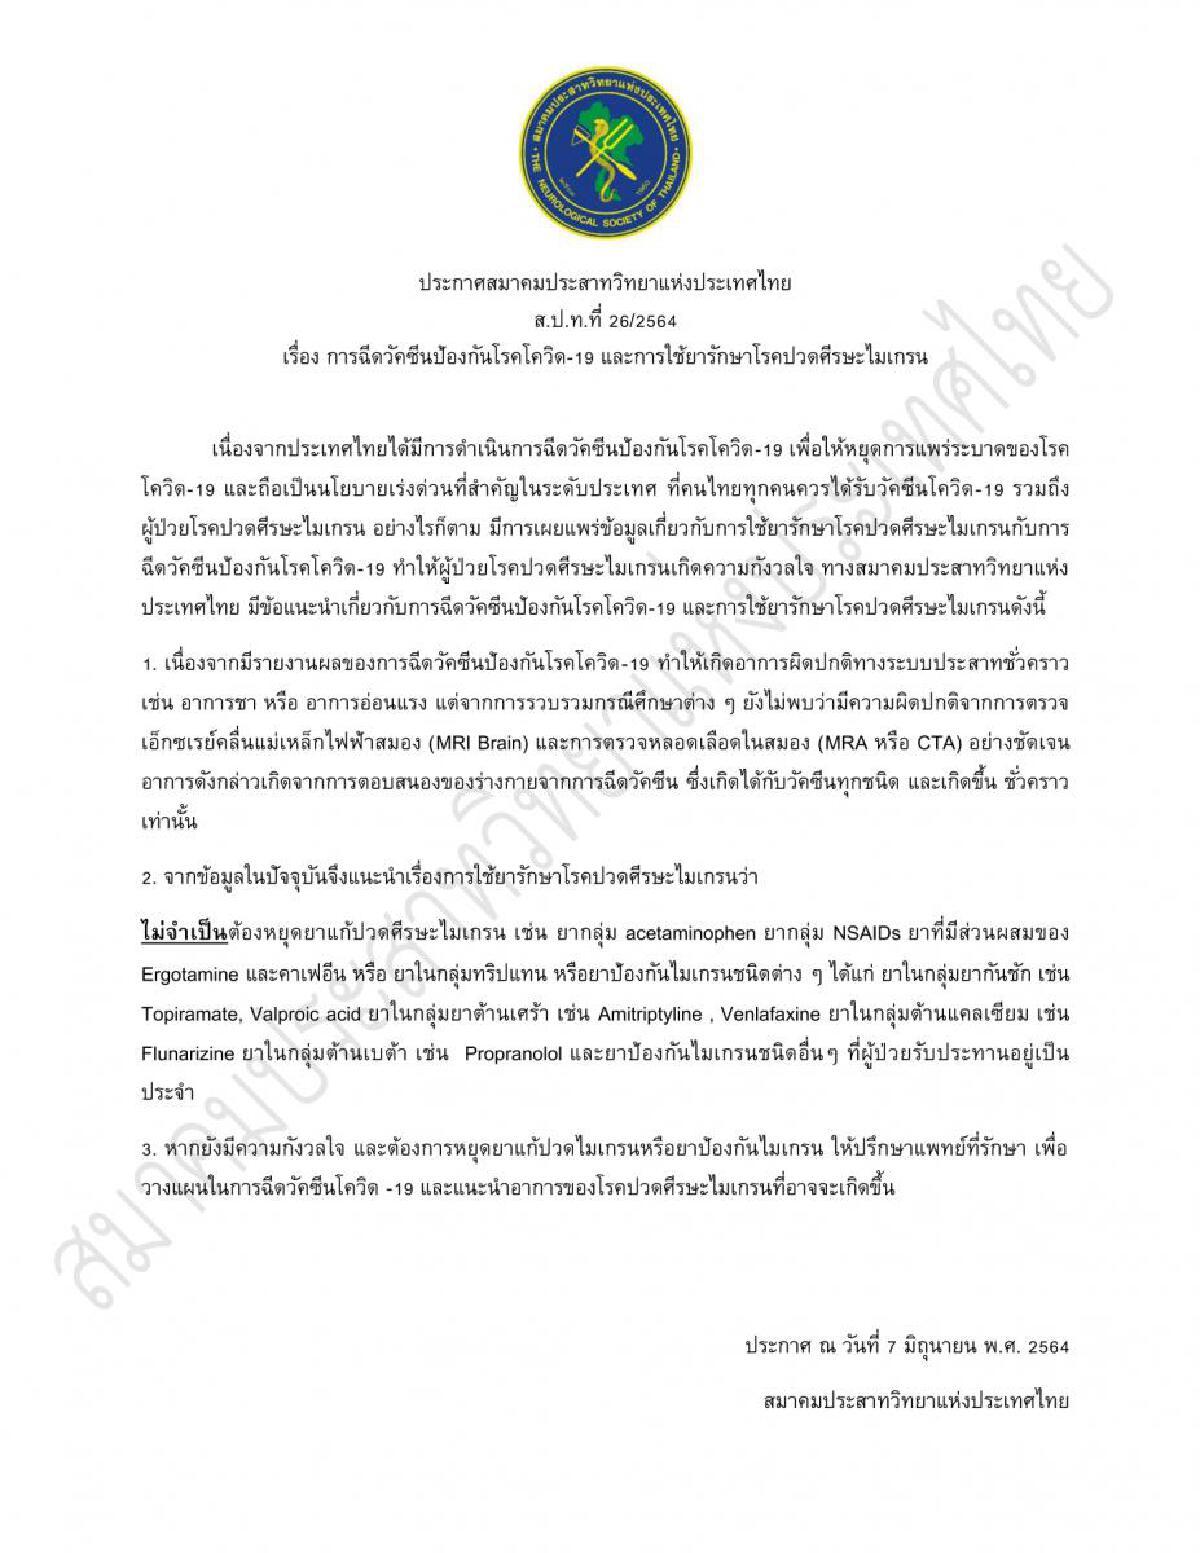 สมาคมประสาทวิทยาแห่งประเทศไทย